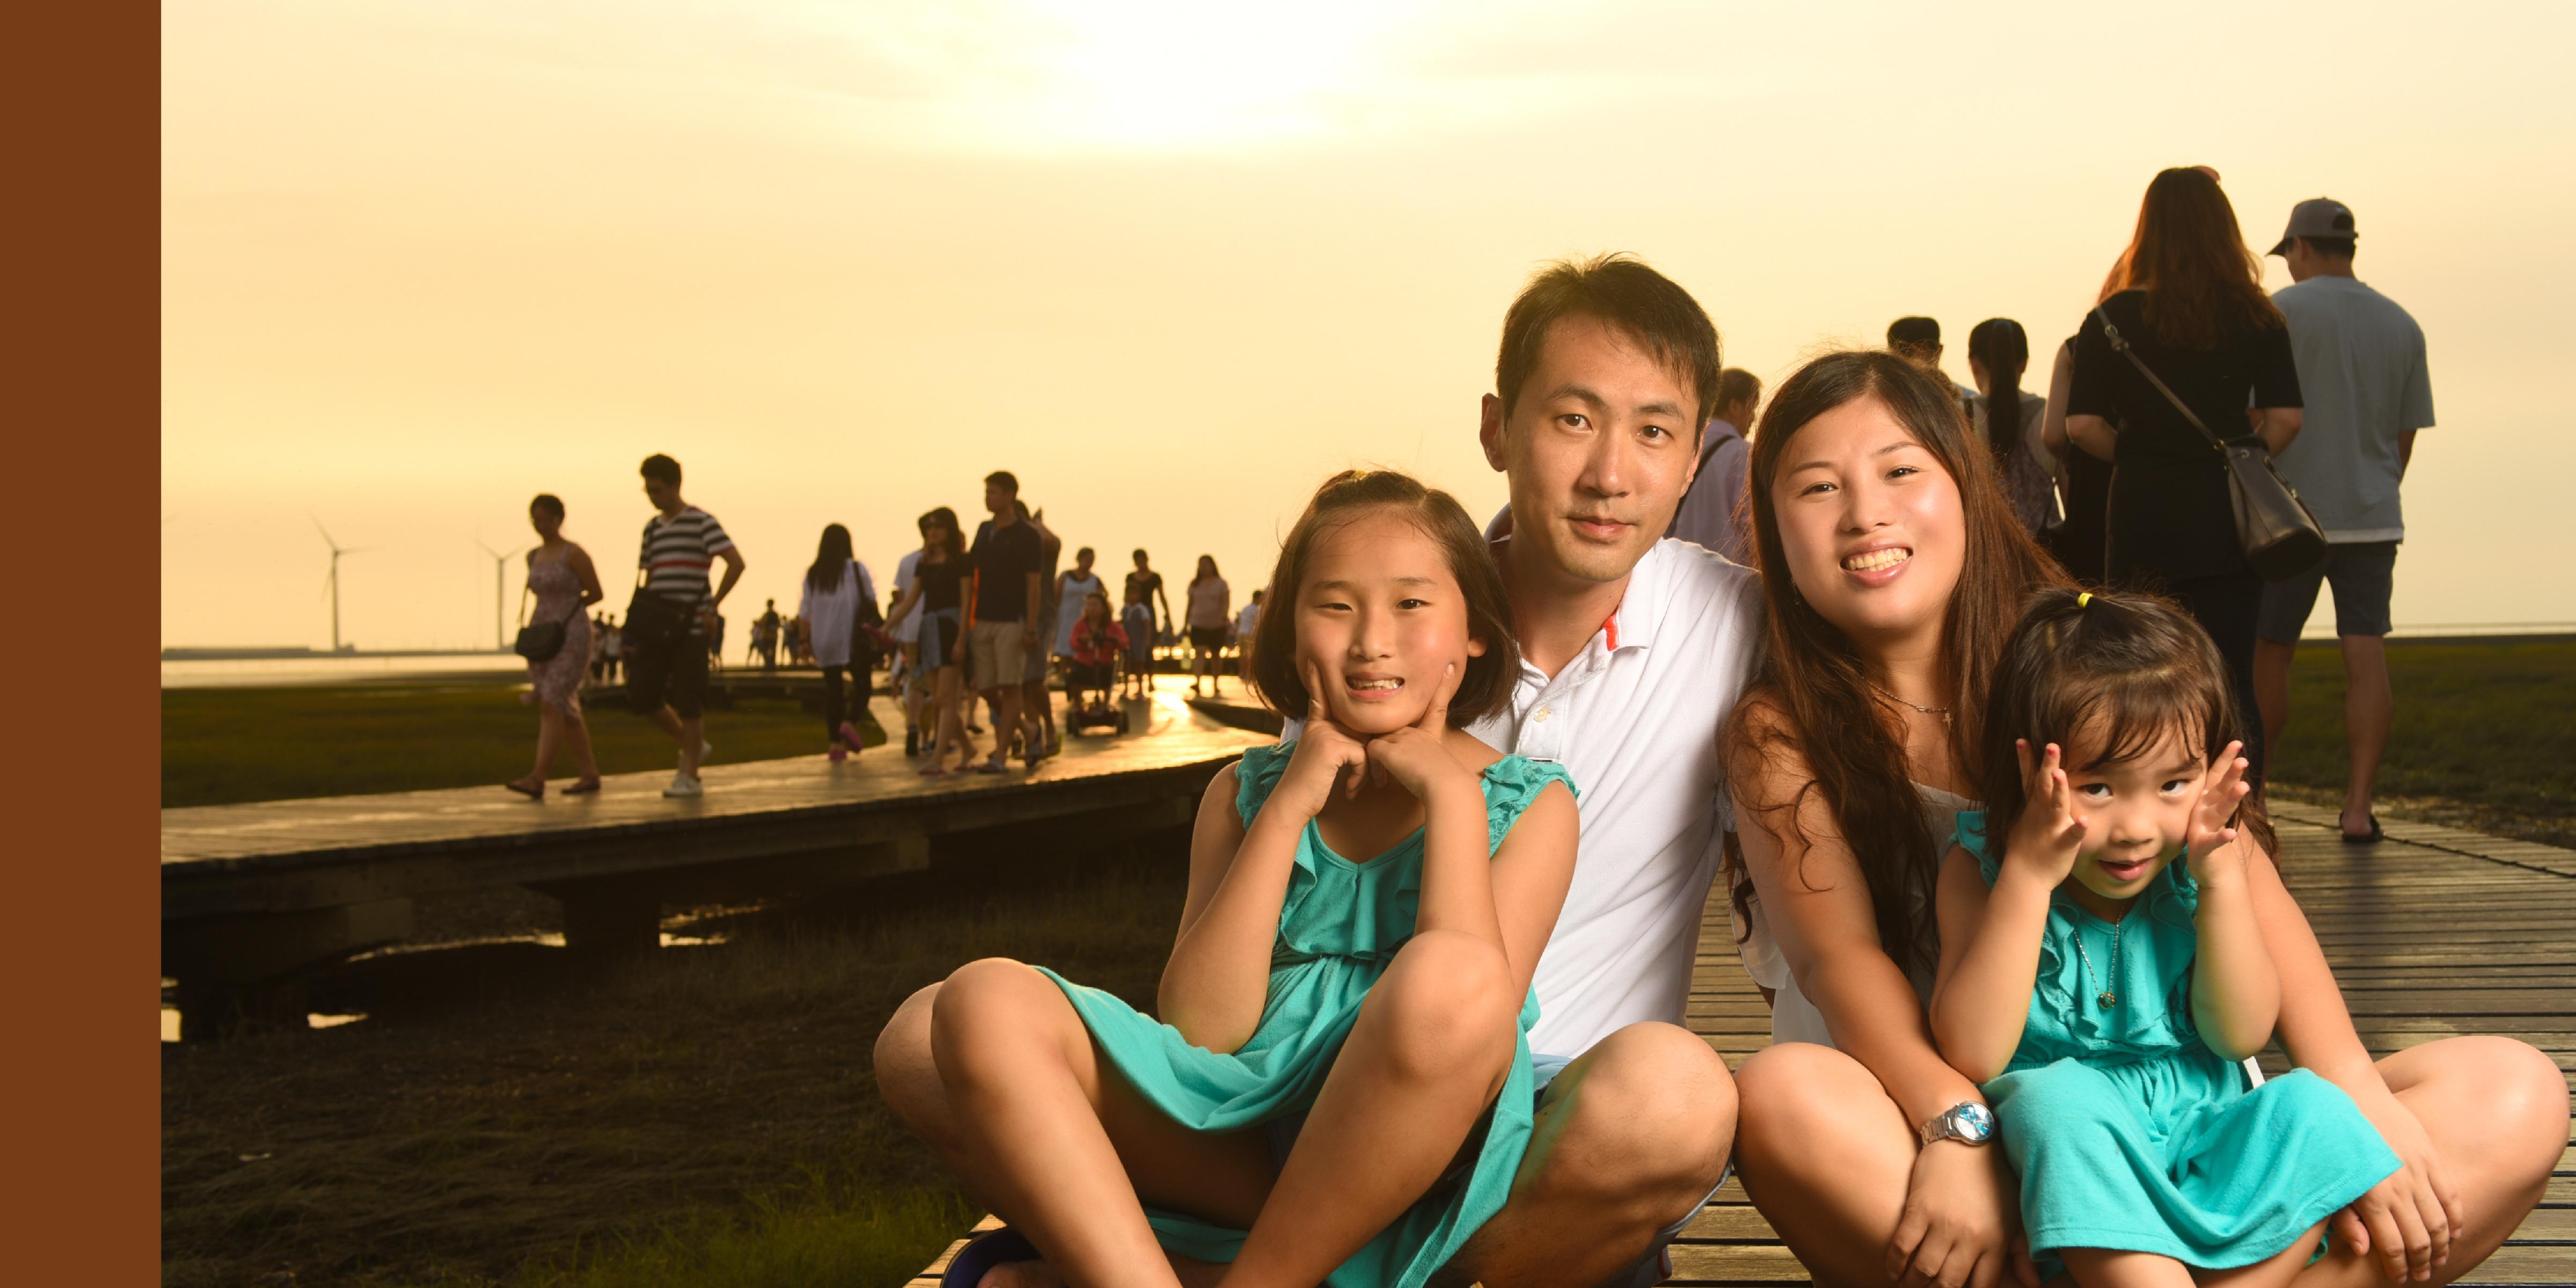 台灣旅遊拍攝全家福,香港到台灣拍全家福,台灣台中拍攝全家福,台灣台中攝影